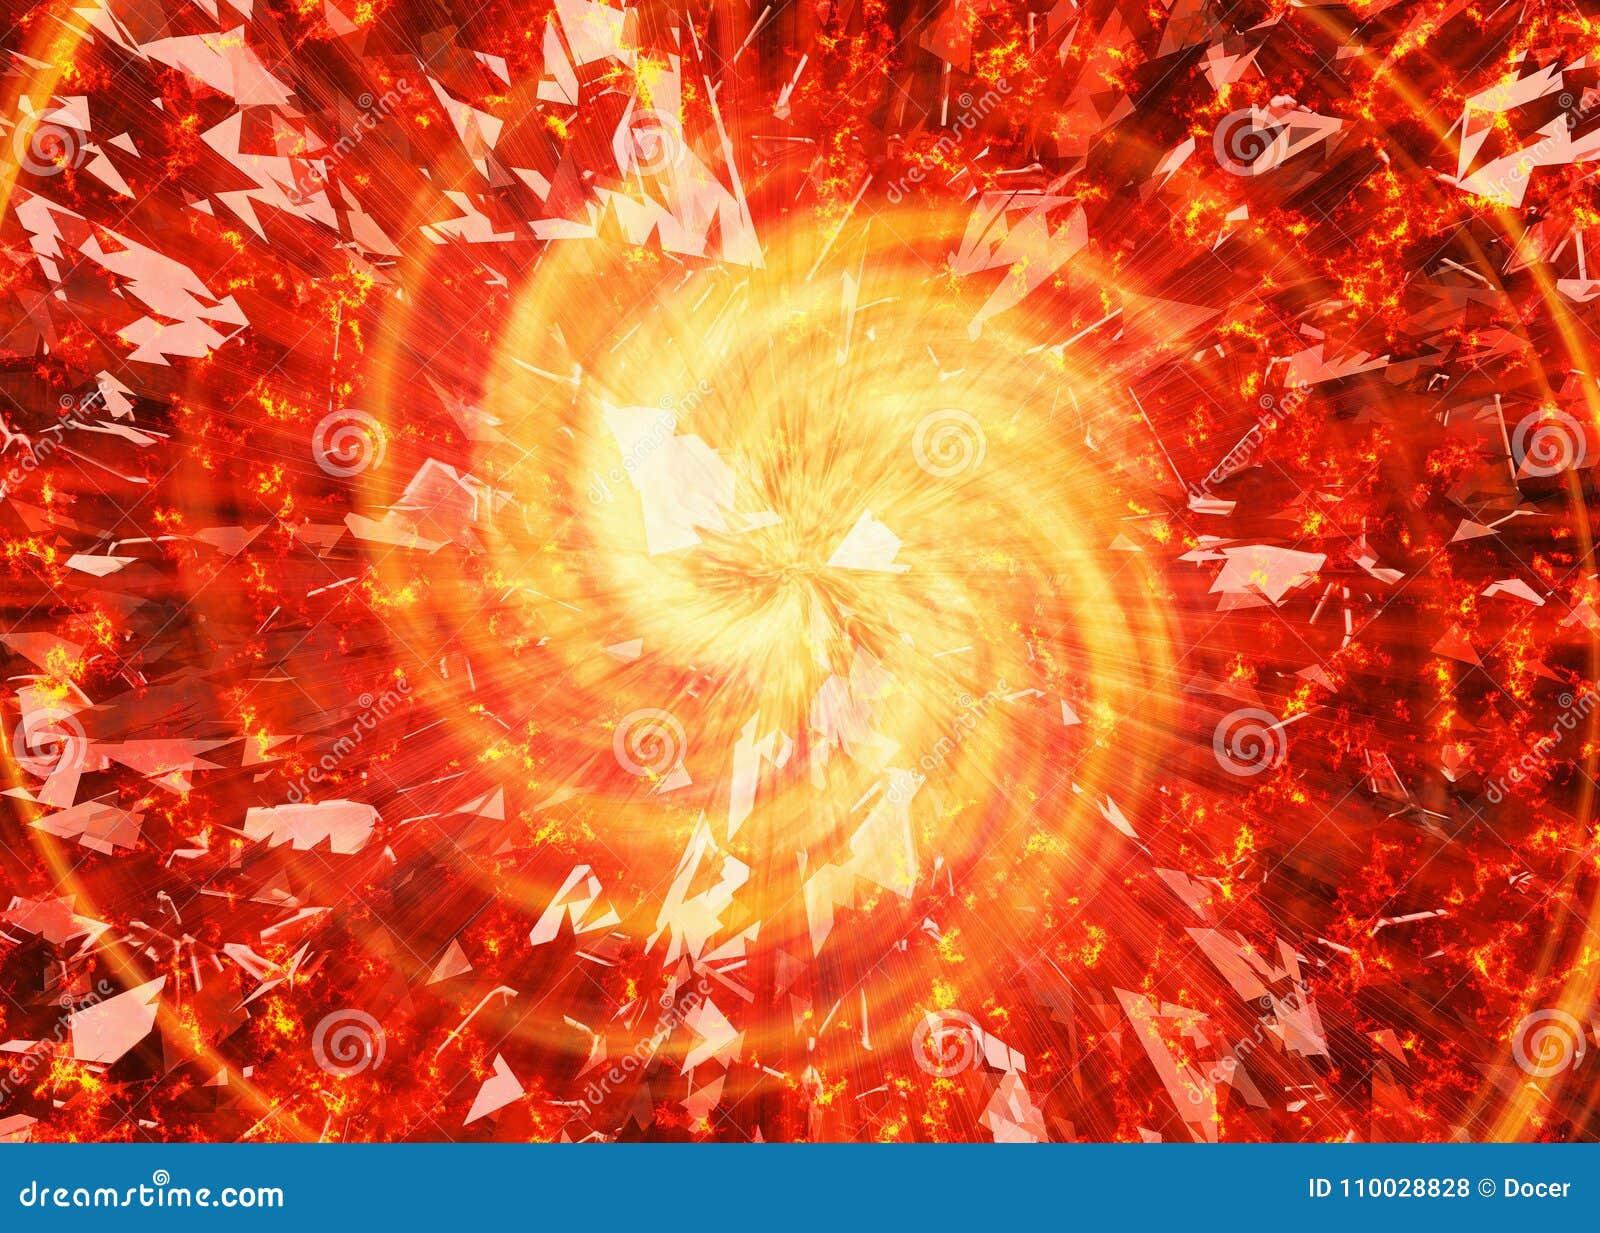 Uitbarstingsflits van gebroken sterachtergronden